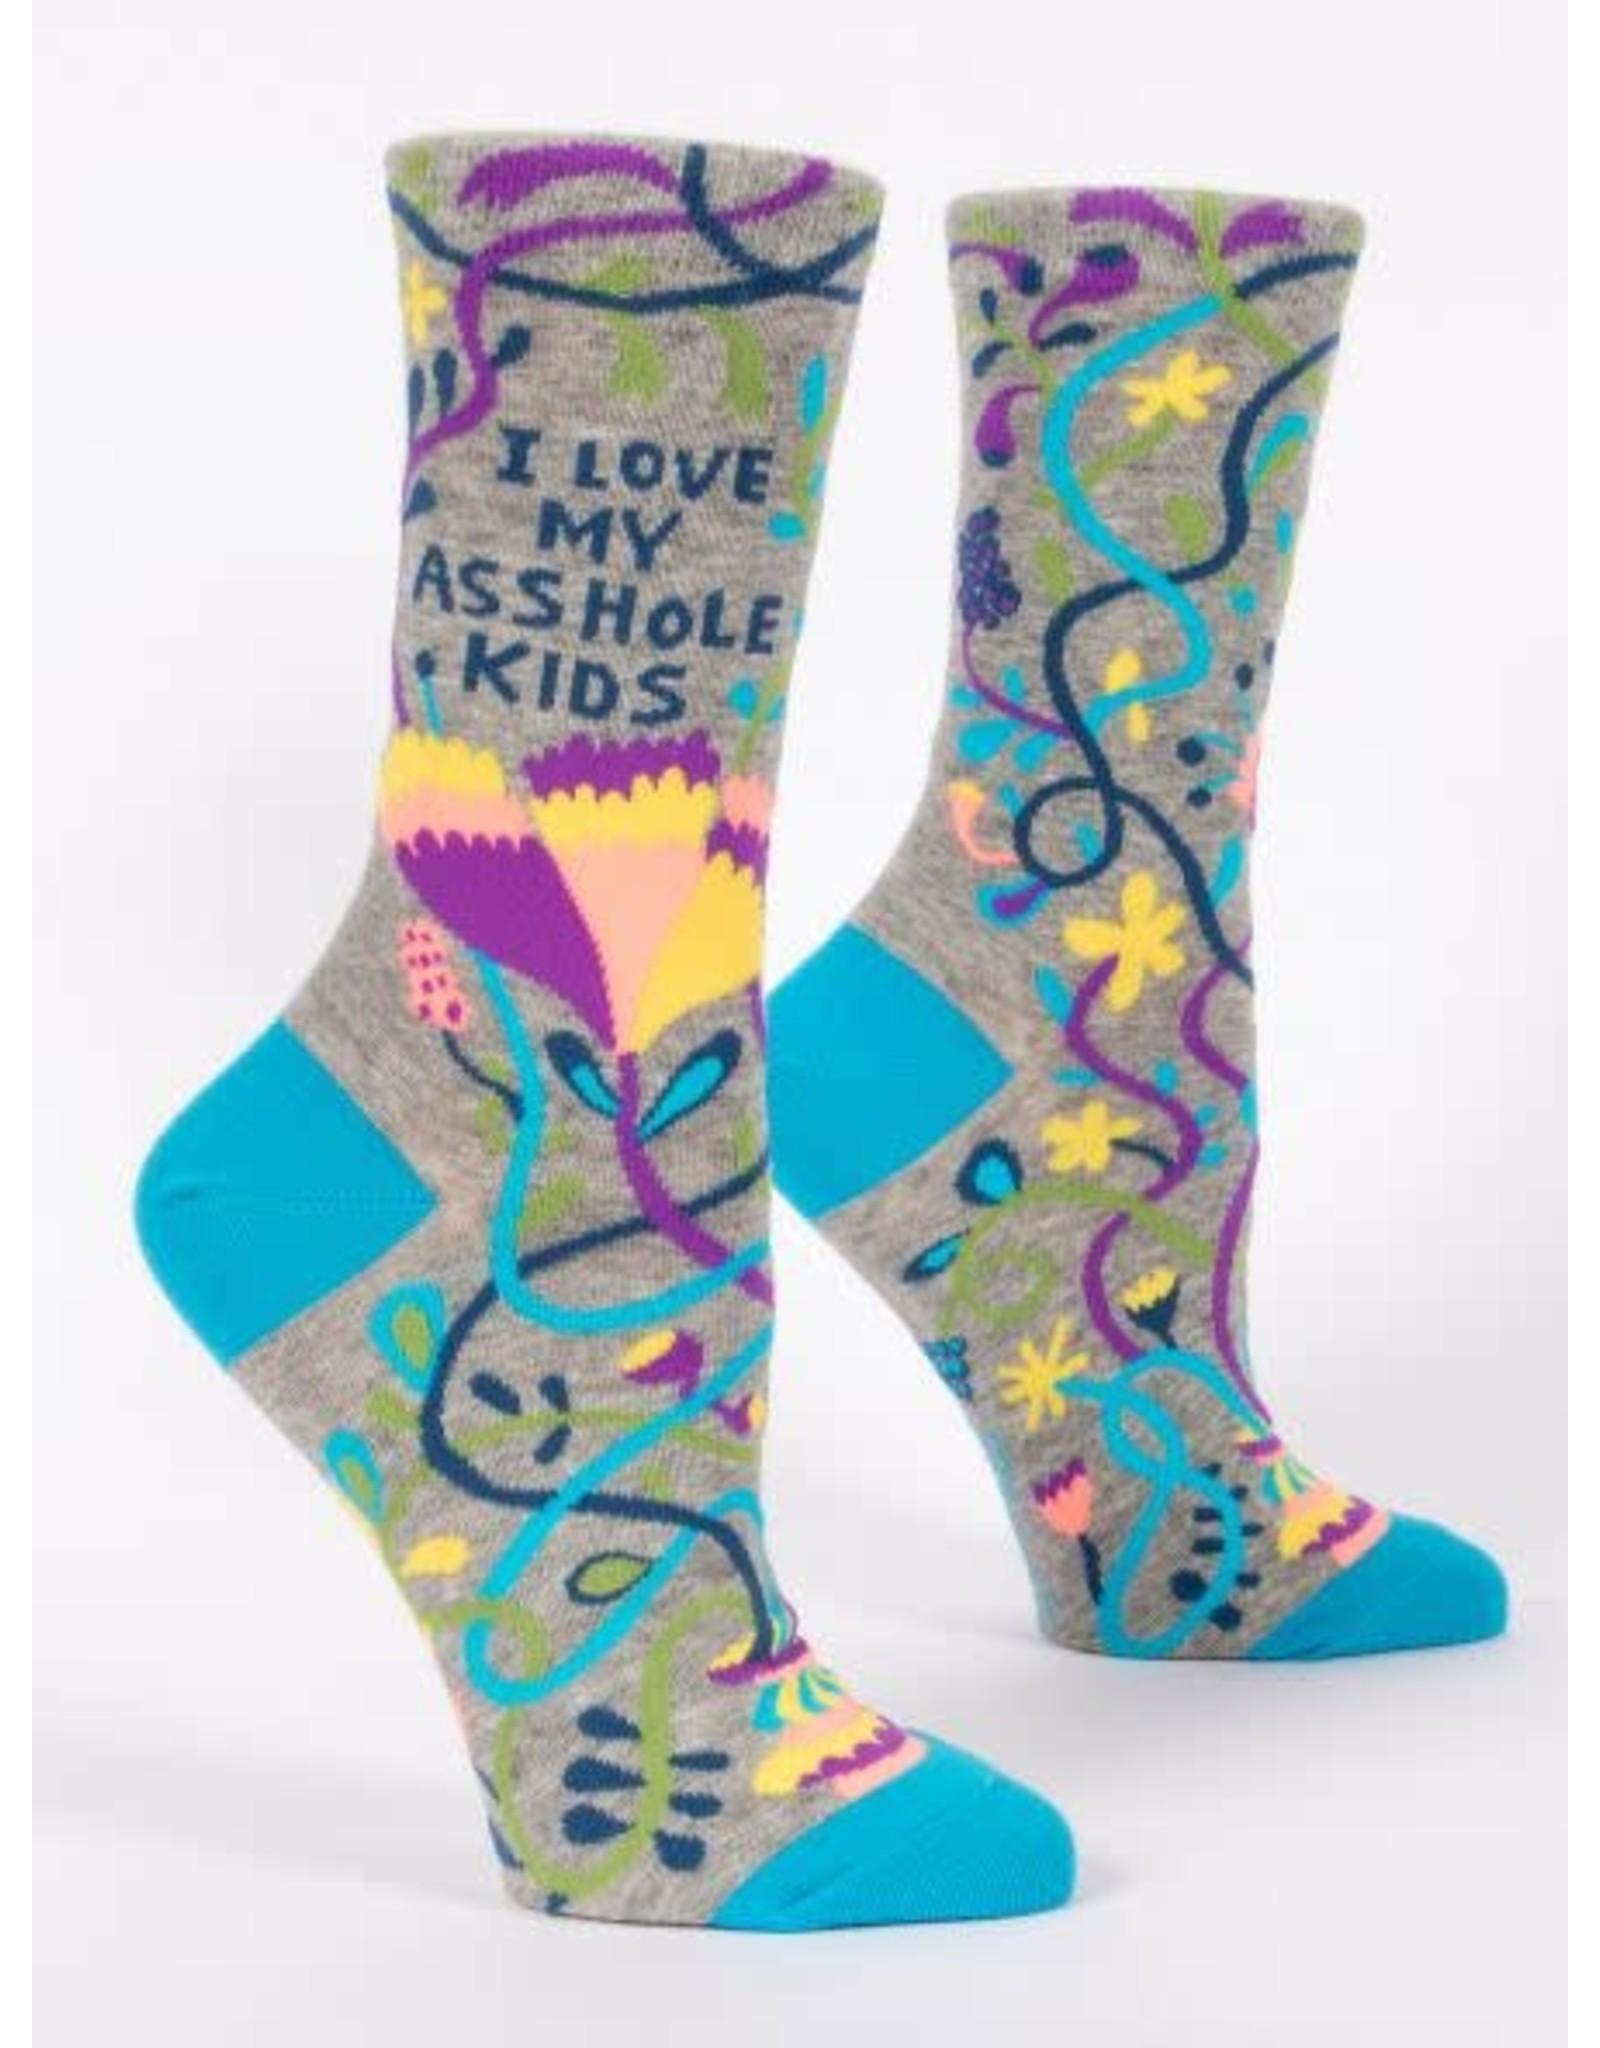 BQ Sassy Socks - Asshole Kids